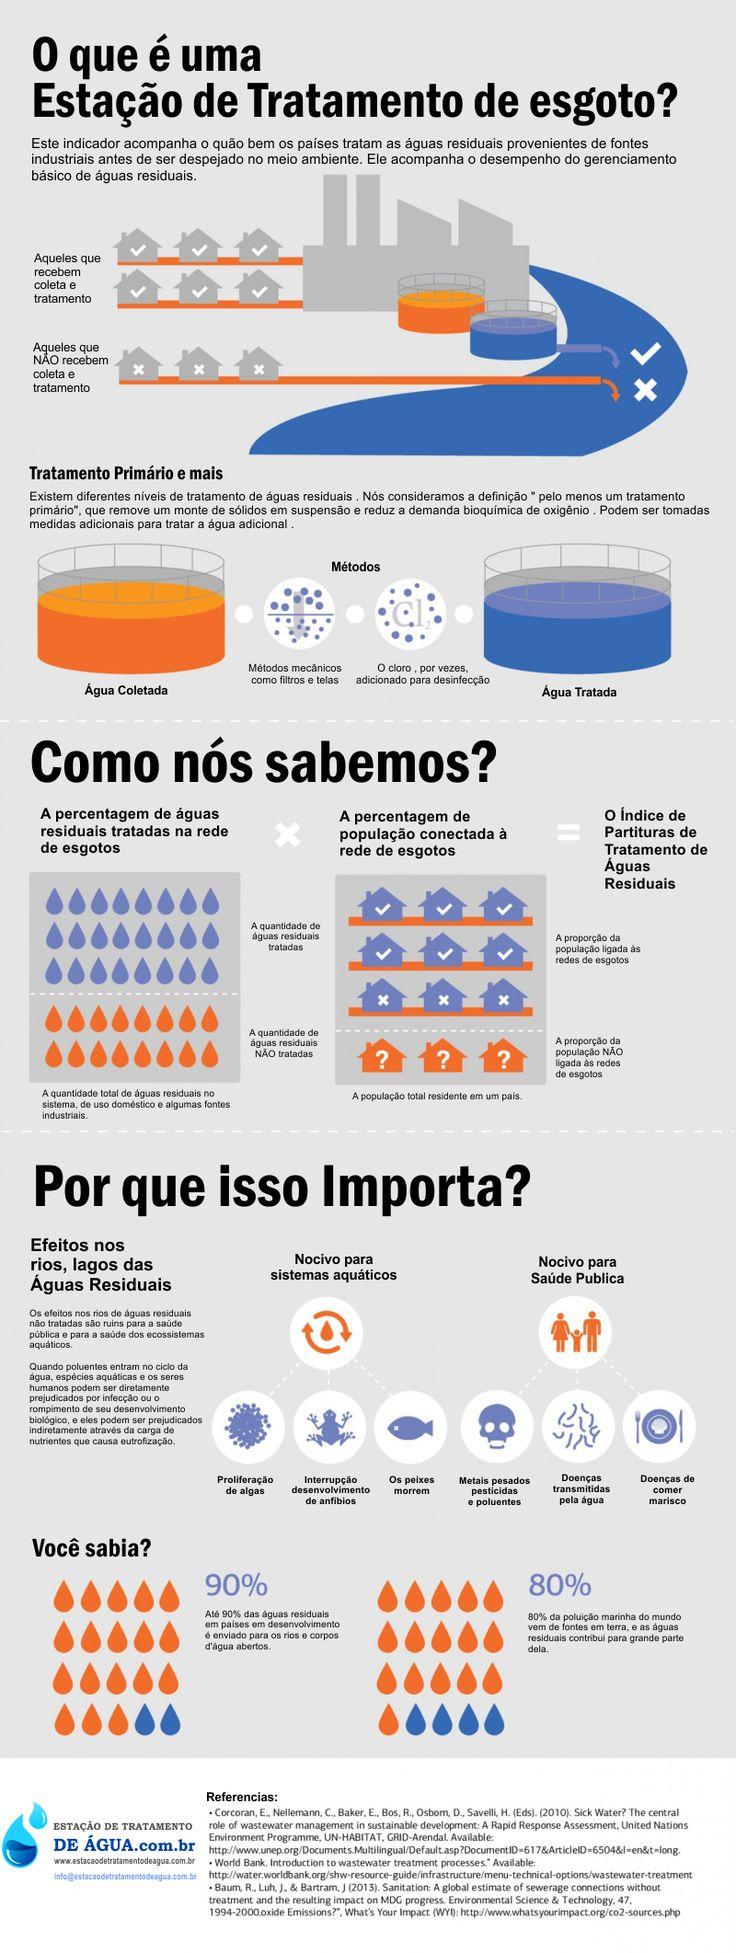 Veja nosso infográfico sobre tratamento de esgoto  #estaçãodetratamentodeesgoto #esgoto